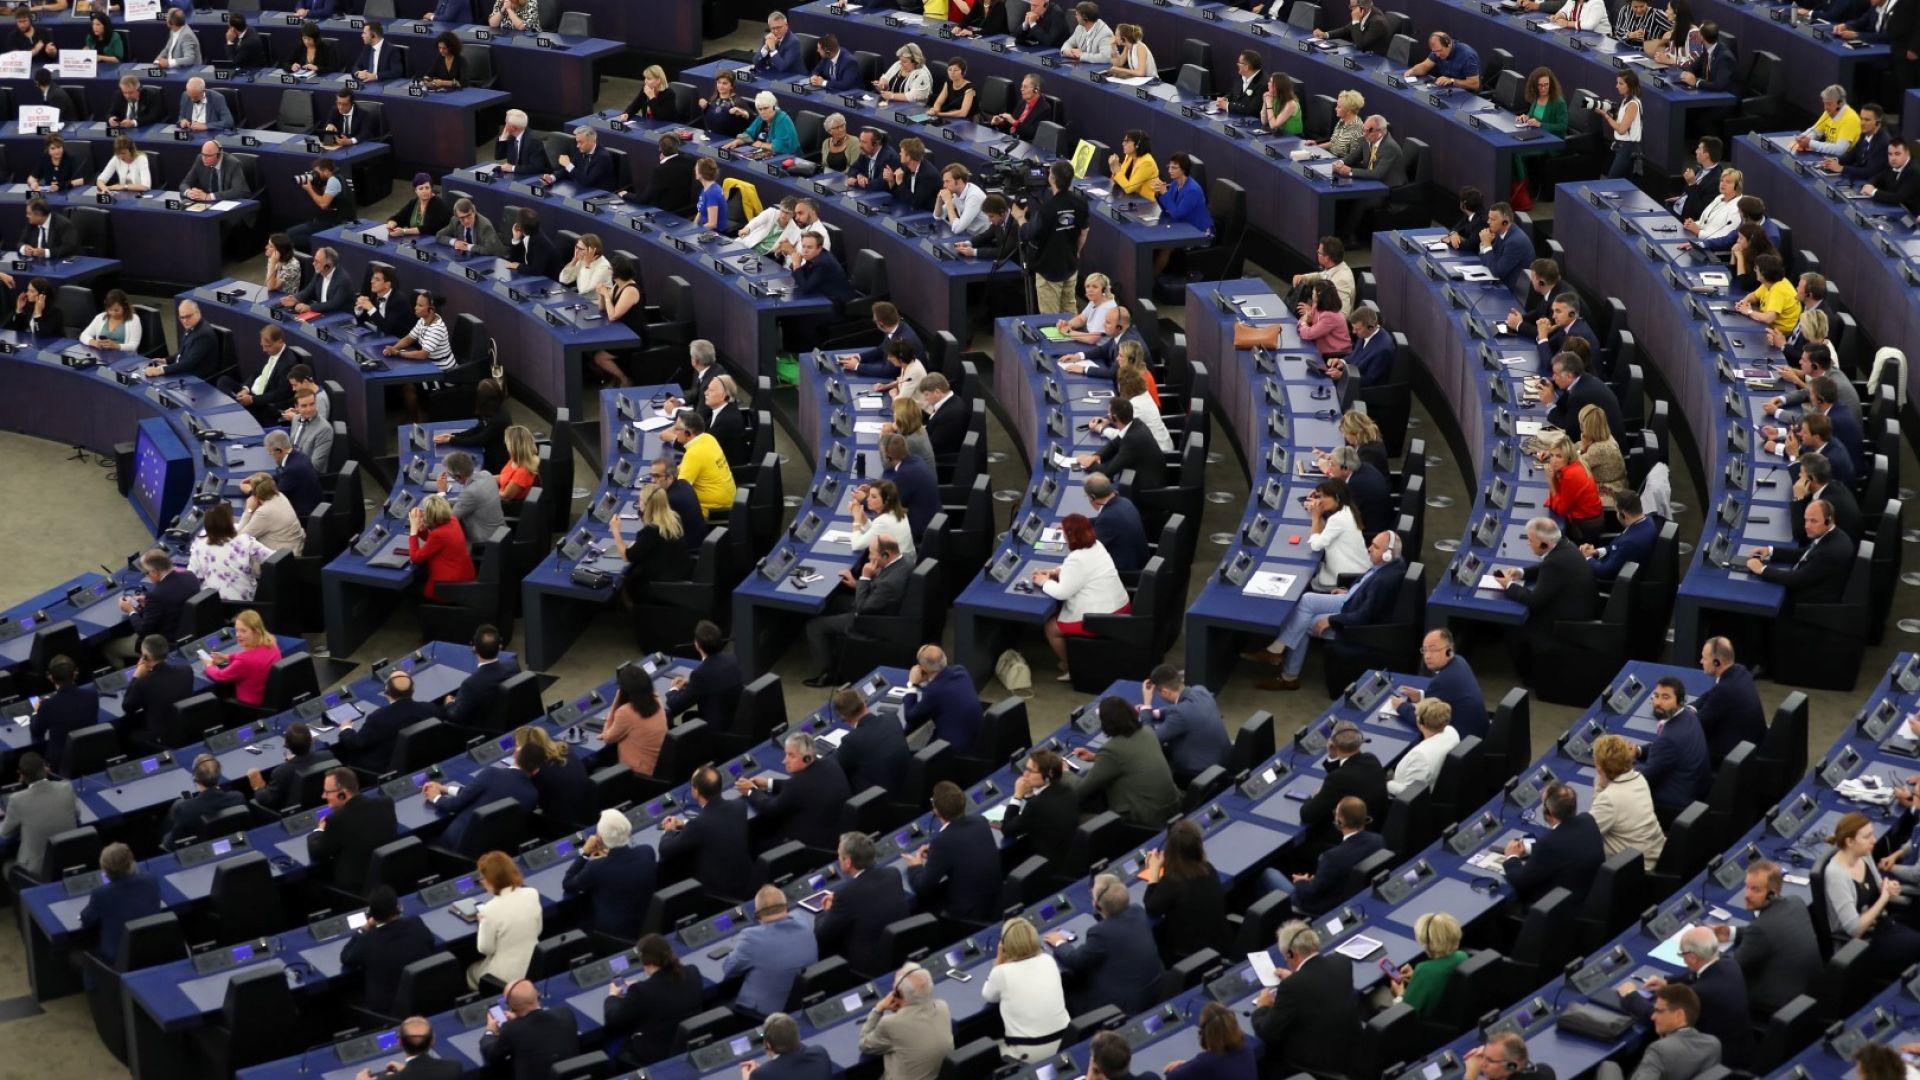 Русия оспори резолюцията на ЕП, че пактът Рибентроп-Молотов е довел до ВСВ